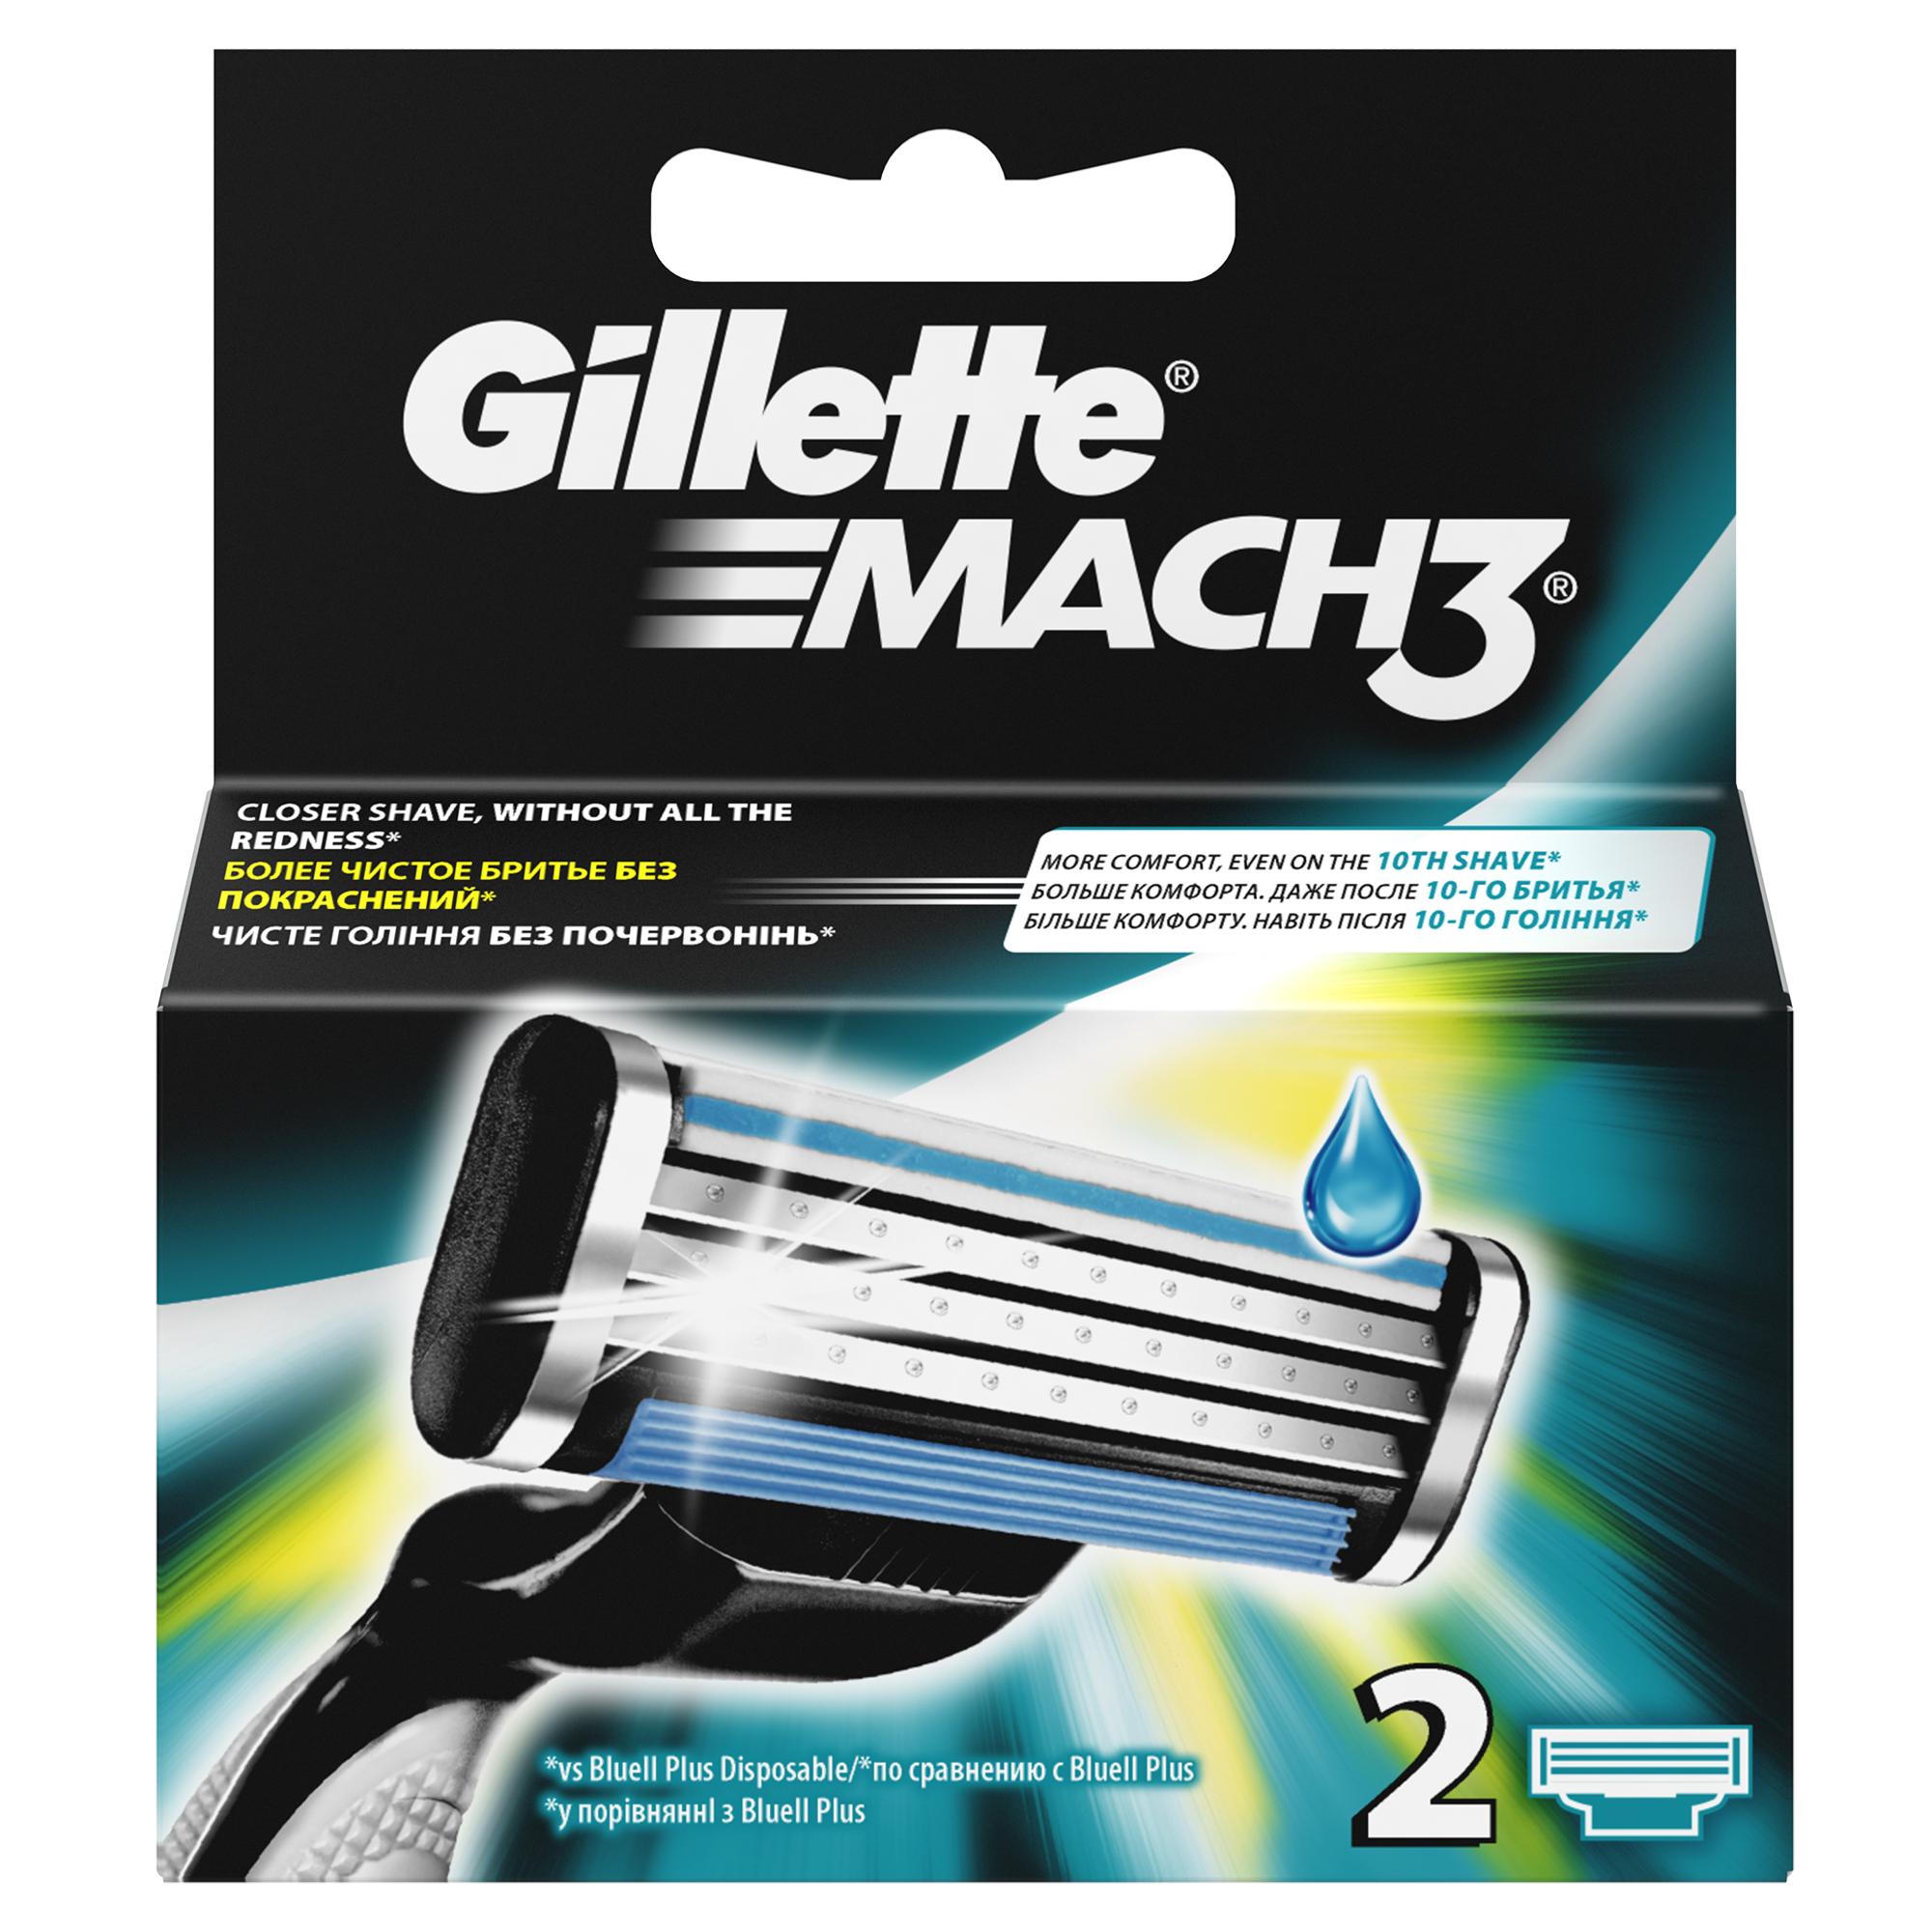 Сменные кассеты для бритья Gillette Mach 3, 2 шт.MAG-81540655Сменные кассеты для мужской бритвы Gillette Mach3 обеспечивают гладкое бритье без покраснения кожи, а ощущения даже при 10-м их использовании лучше, чем при бритье новой одноразовой бритвой.* В комплект каждой сменной кассеты входят 3 лезвия DuraComfort для долговременного комфорта. Гелевая полоска скользит по коже, защищая ее от покраснения, а усовершенствованный микрогребень Skin Guard помогает натянуть кожу и подготовить волоски к срезанию. Эти сменные кассеты для бритвы Mach3 подходят к любой бритве Mach3. * По сравнению с Gillette Blue II Преимущества продукта: Даже 10-ое бритье Mach3 комфортнее 1-го одноразовой бритвой (по сравнению с Gillette Blue II Plus) Более гладкое бритье без раздражения (по сравнению с одноразовой бритвой Gillette Blue II Plus) 3 лезвия DuraComfort для долговременного комфорта Гелевая полоска скользит по коже, защищая ее от покраснения Усовершенствованный микрогребень Skin Guard помогает натянуть кожу и подготовить волоски к срезанию Подходит к любым...